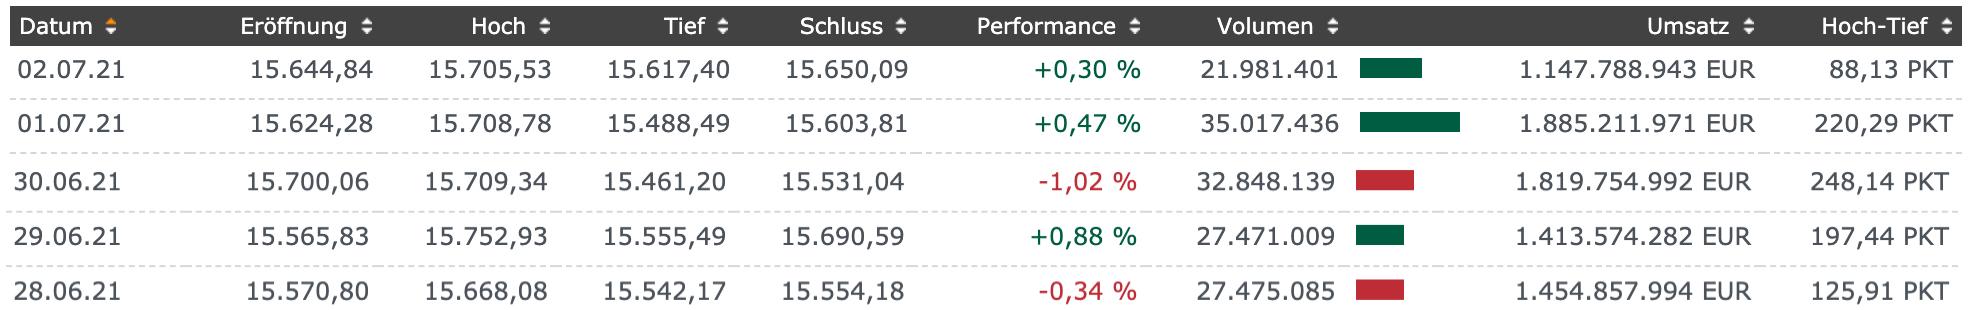 DAX-Handelstage der Börsenwoche